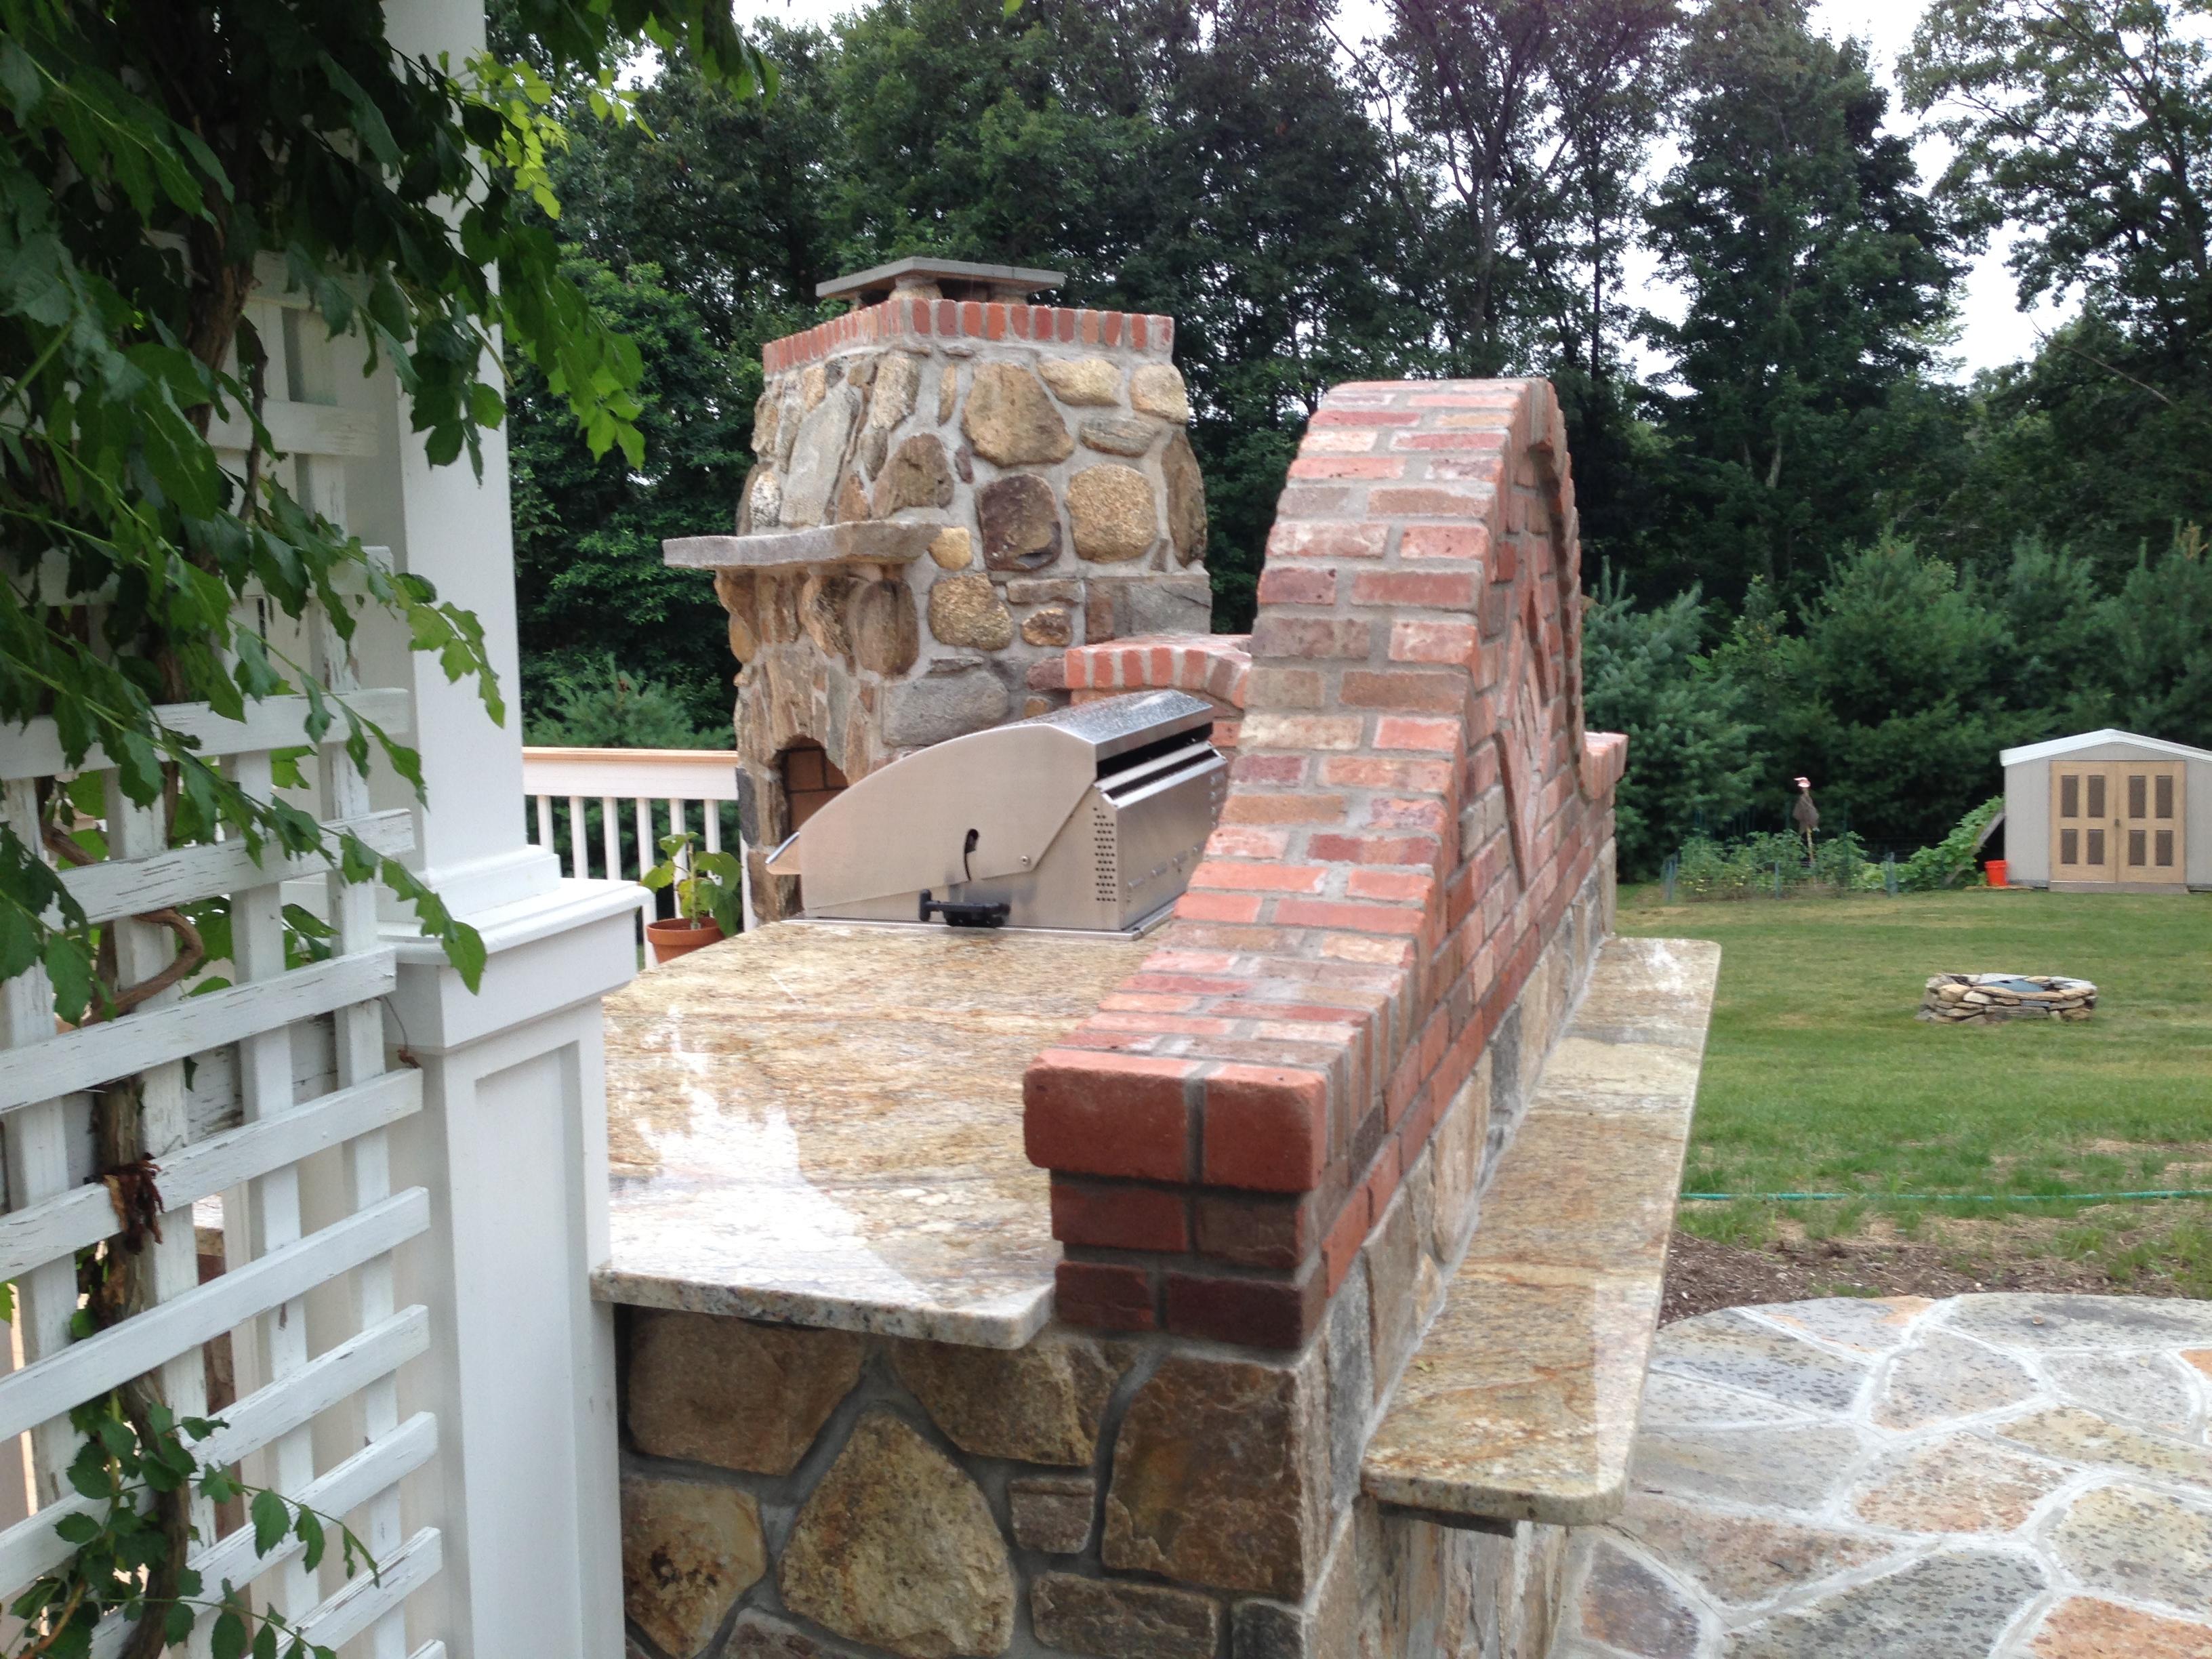 Outdoor Kitchen Designer Blends Bricks With Stone To Mesh